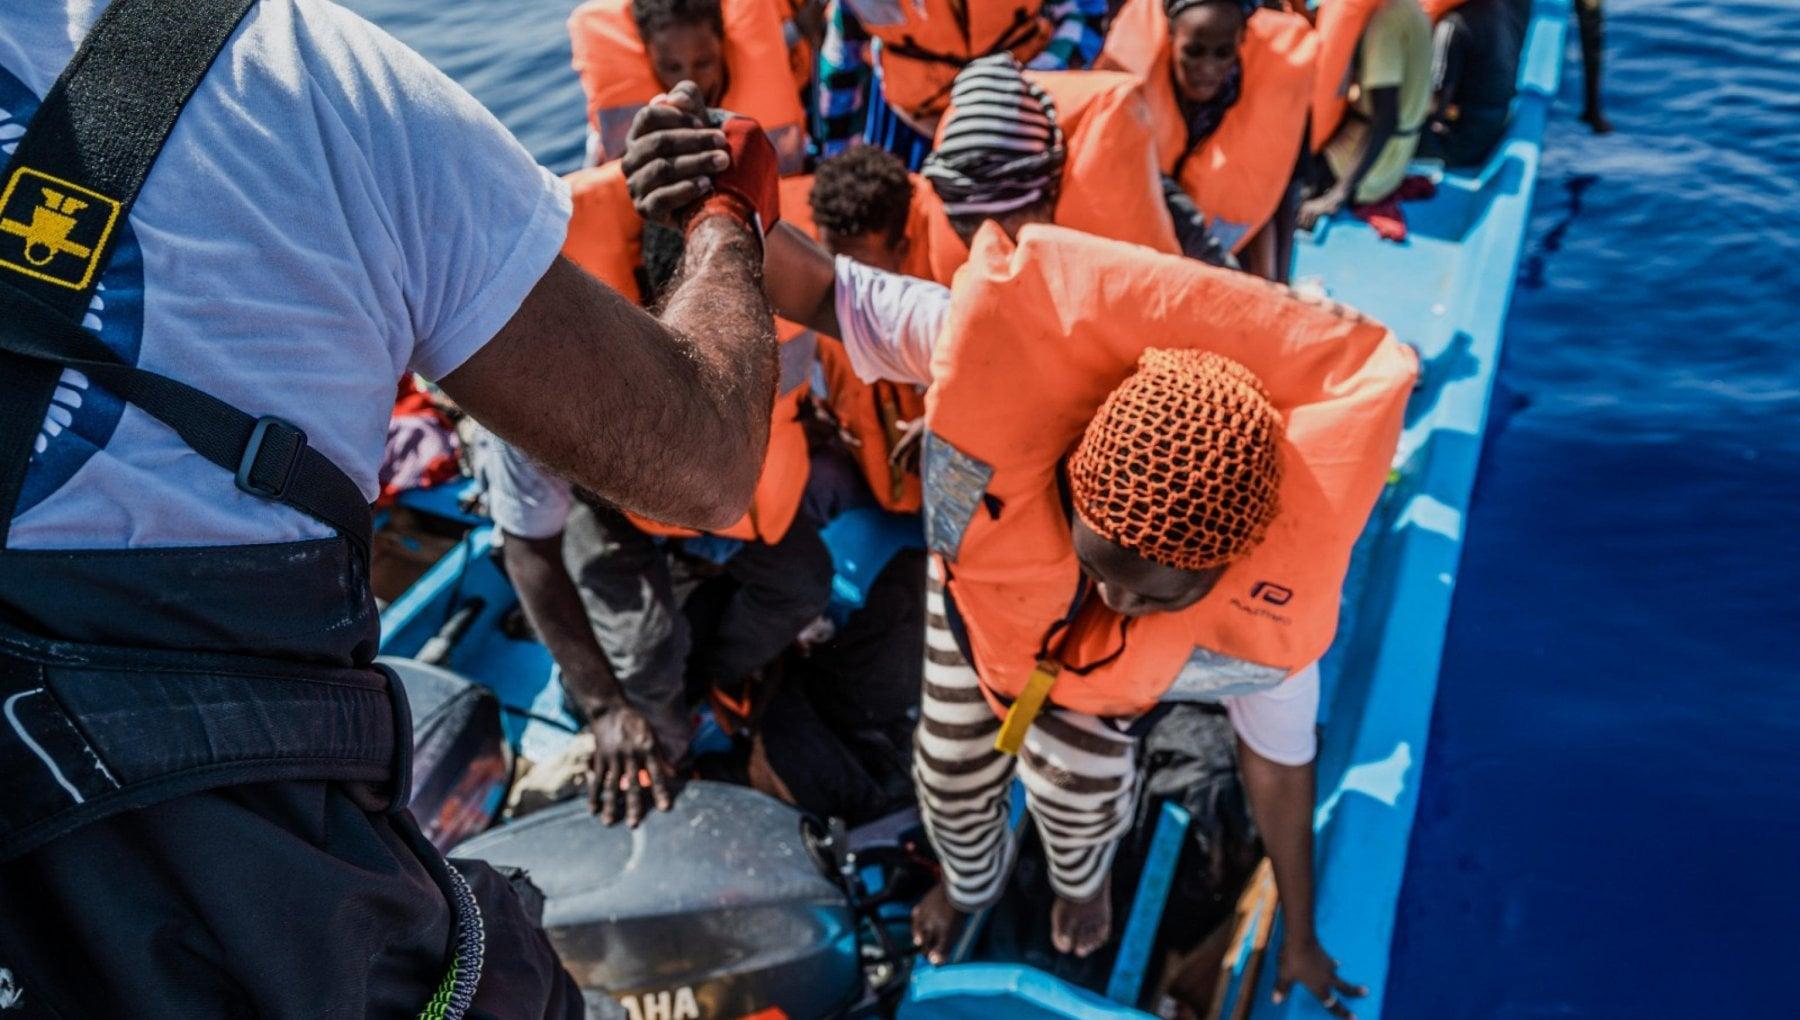 101959305 1574212c c5ce 4fb5 9437 8eaad7884425 - Migranti, soccorse in mare da Sea Watch 400 persone